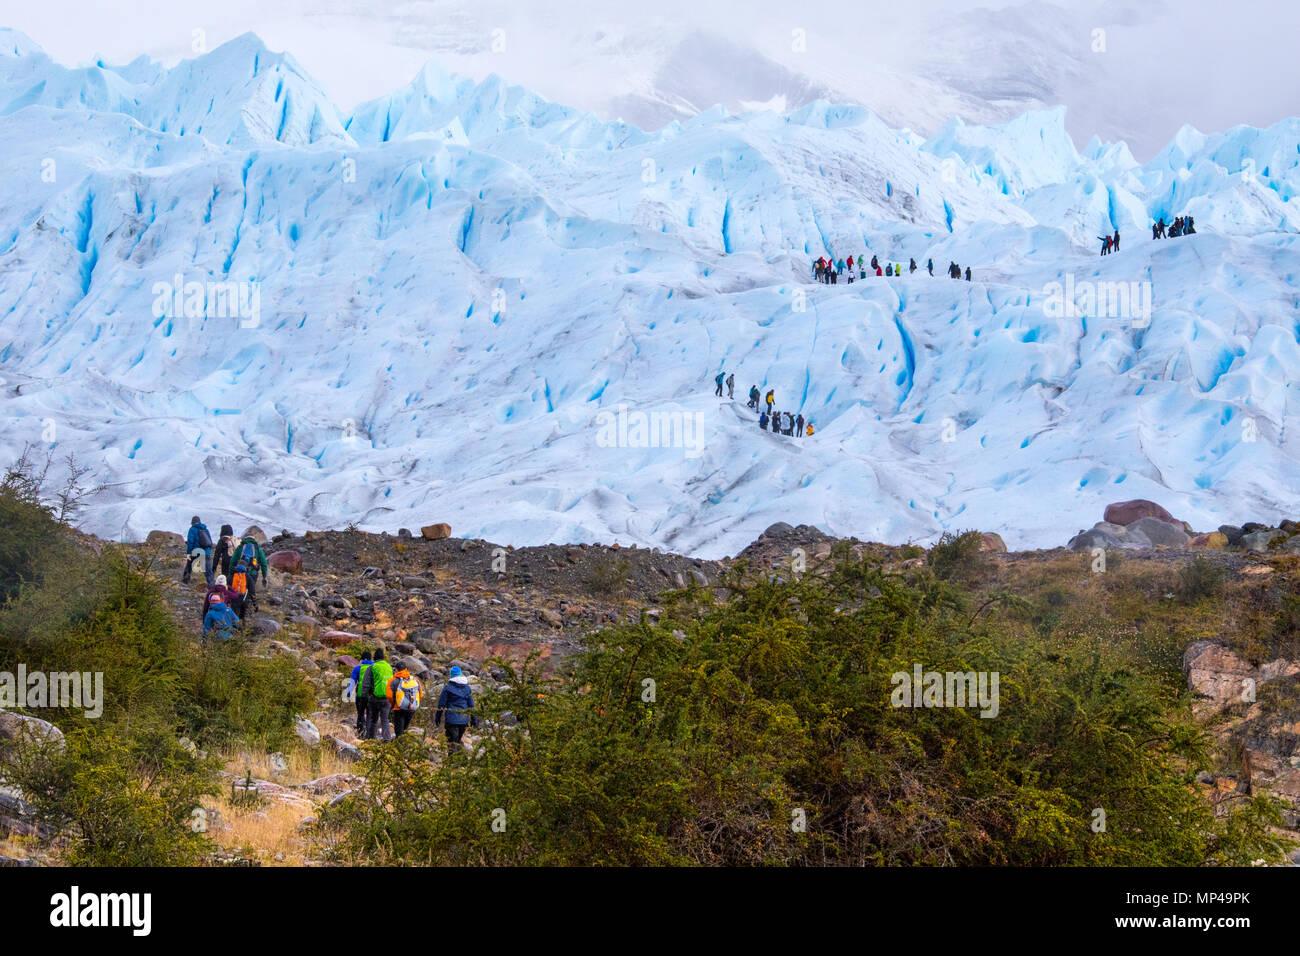 Escursioni guidate sul ghiacciaio Perito Moreno, Parque Nacional Los Glaciares, Argentina Immagini Stock